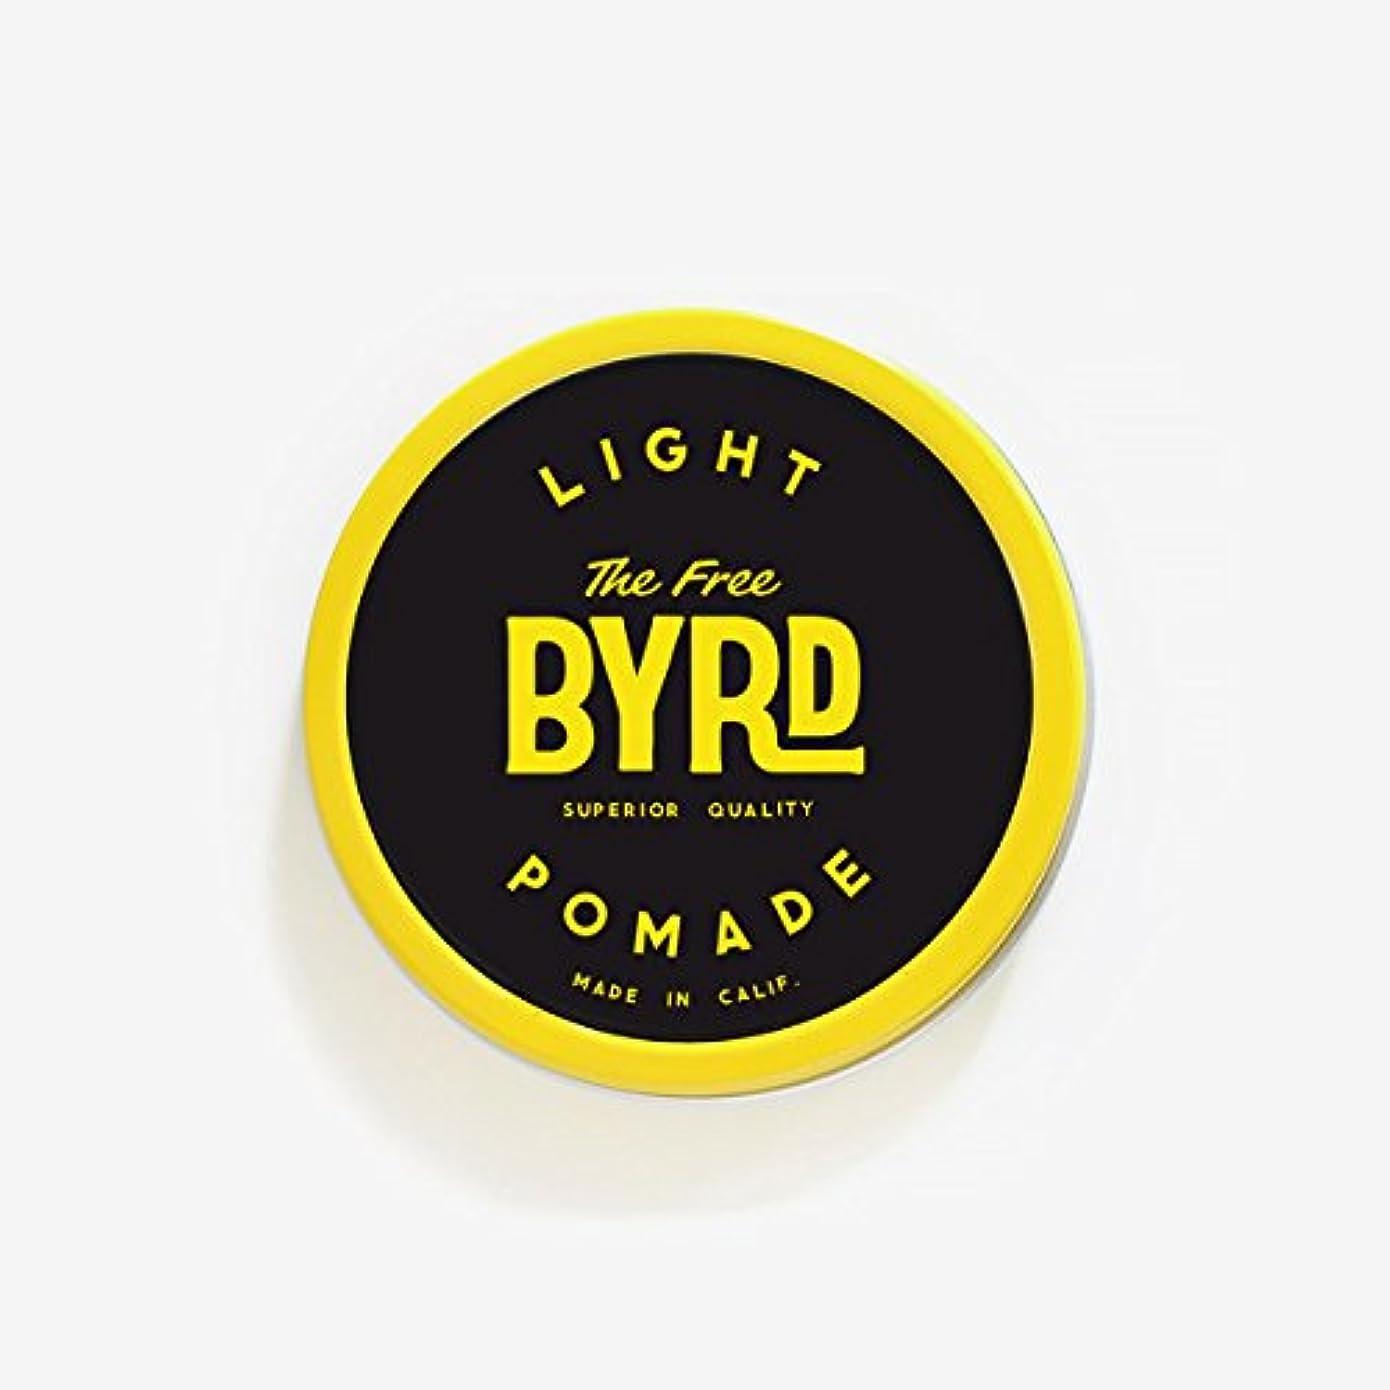 灰美人軽減するバード(BYRD) カリフォルニア発ポマード288 LIGHT POMADE SMALL(スモールサイズ)ライトスタイルヘアワックスヘアスタイリング剤耐水性香料メンズ/レディース 【LIGHT】SMALL